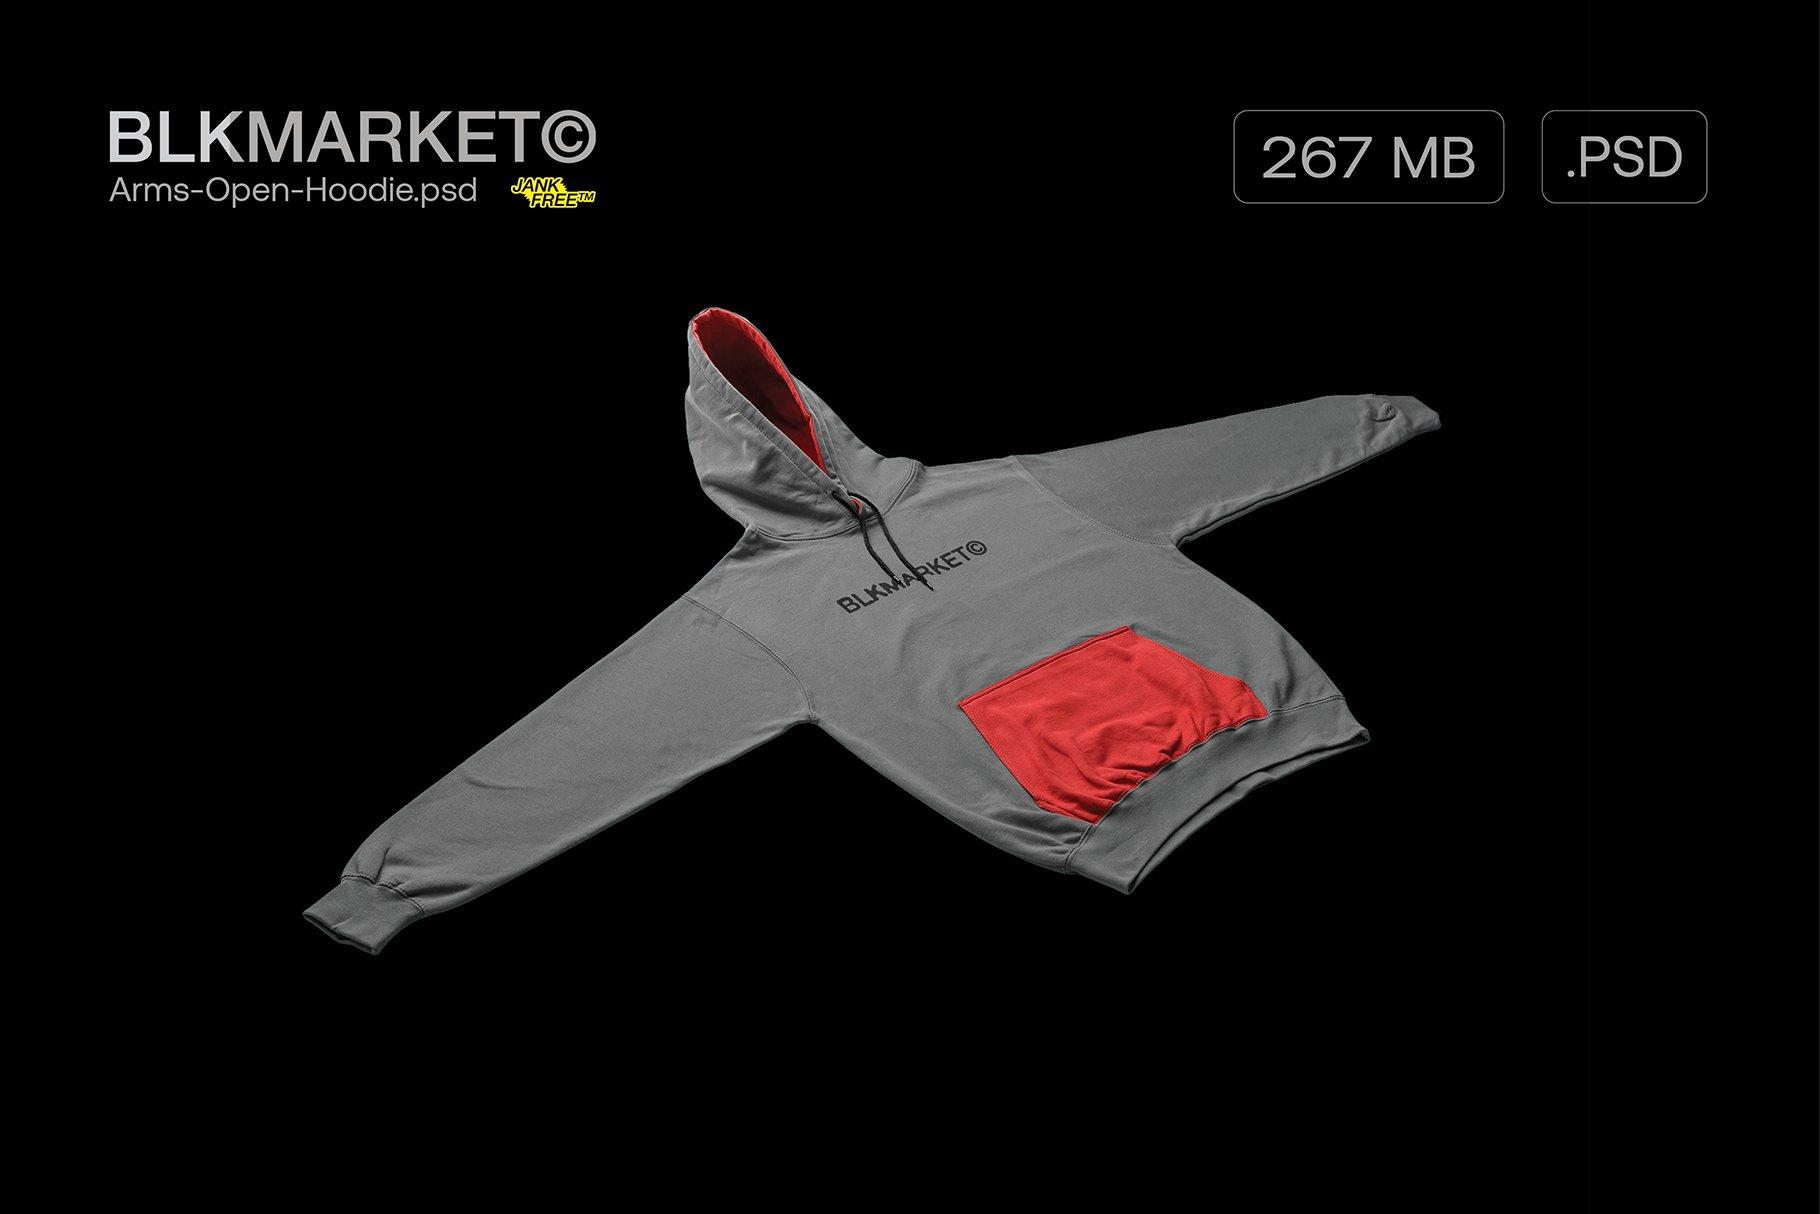 潮流街头潮牌帽衫卫衣图案印花设计PS贴图样机素材 Blkmarket – Angled-Hoodie.psd – Streetwear插图